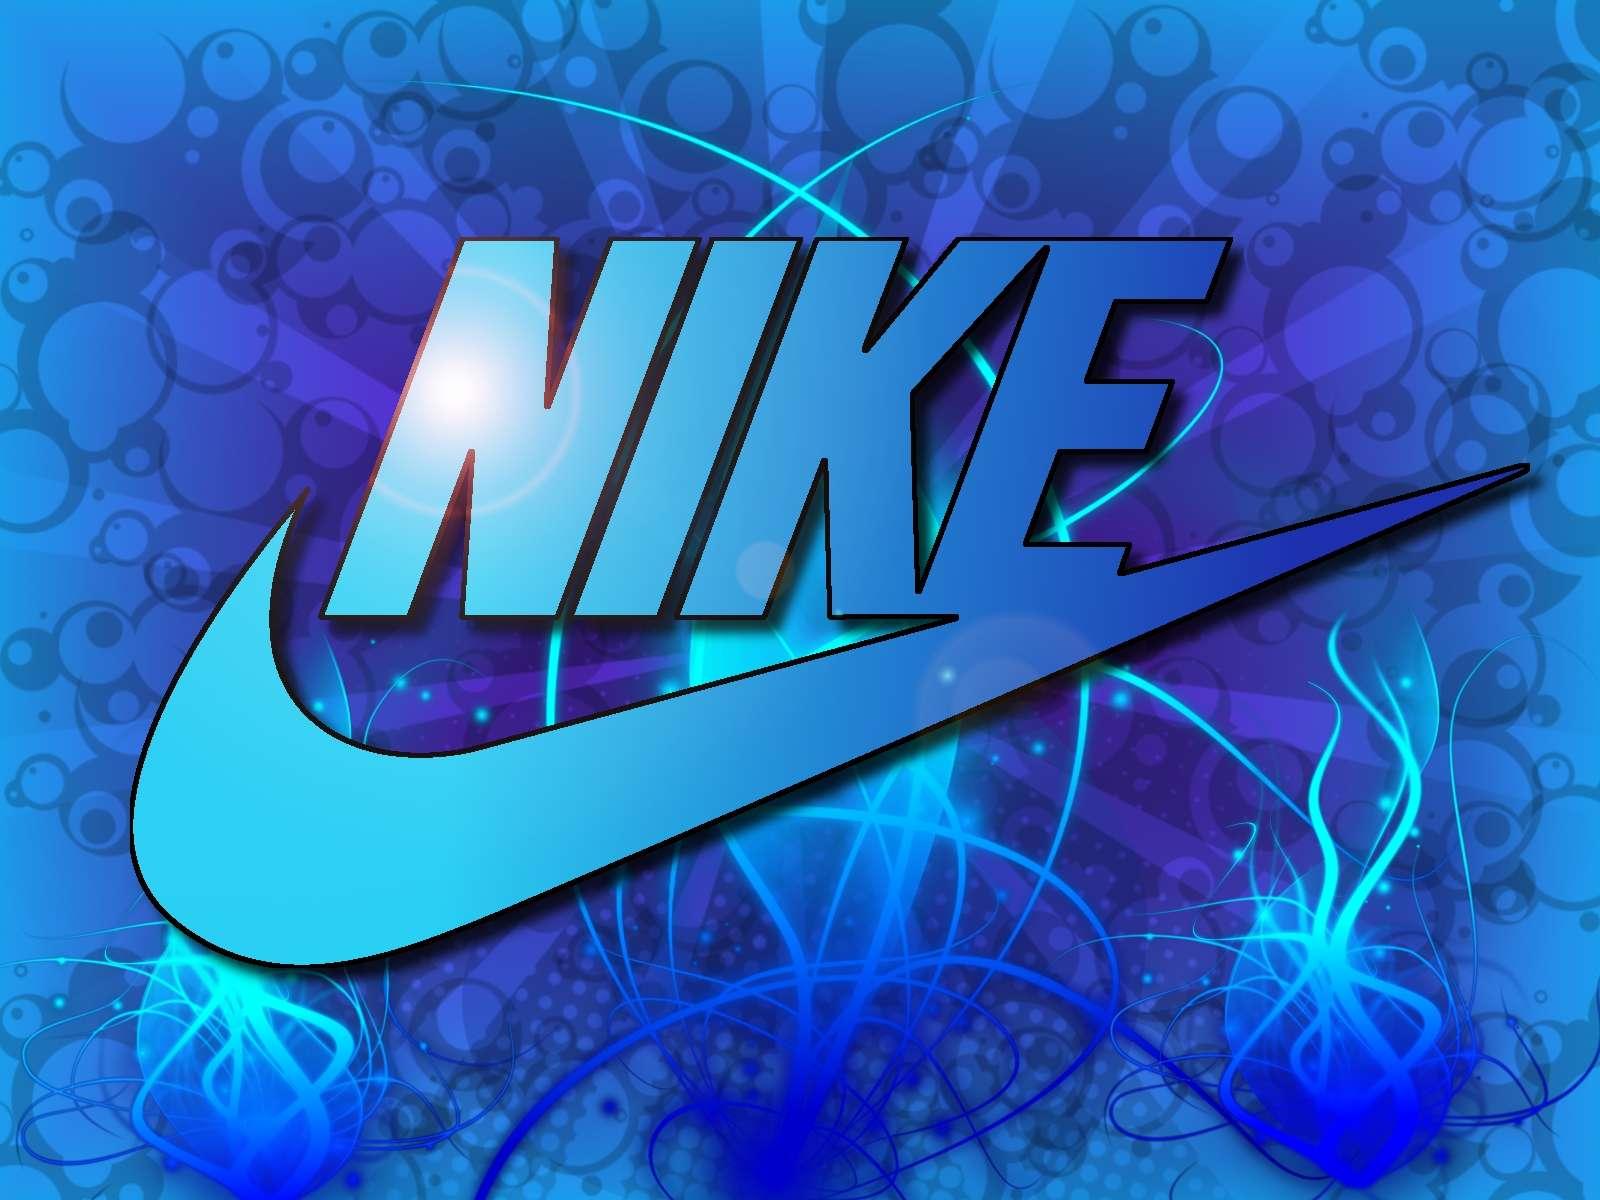 Kane blog picz nike wallpaper quotes - Cool logo wallpapers ...